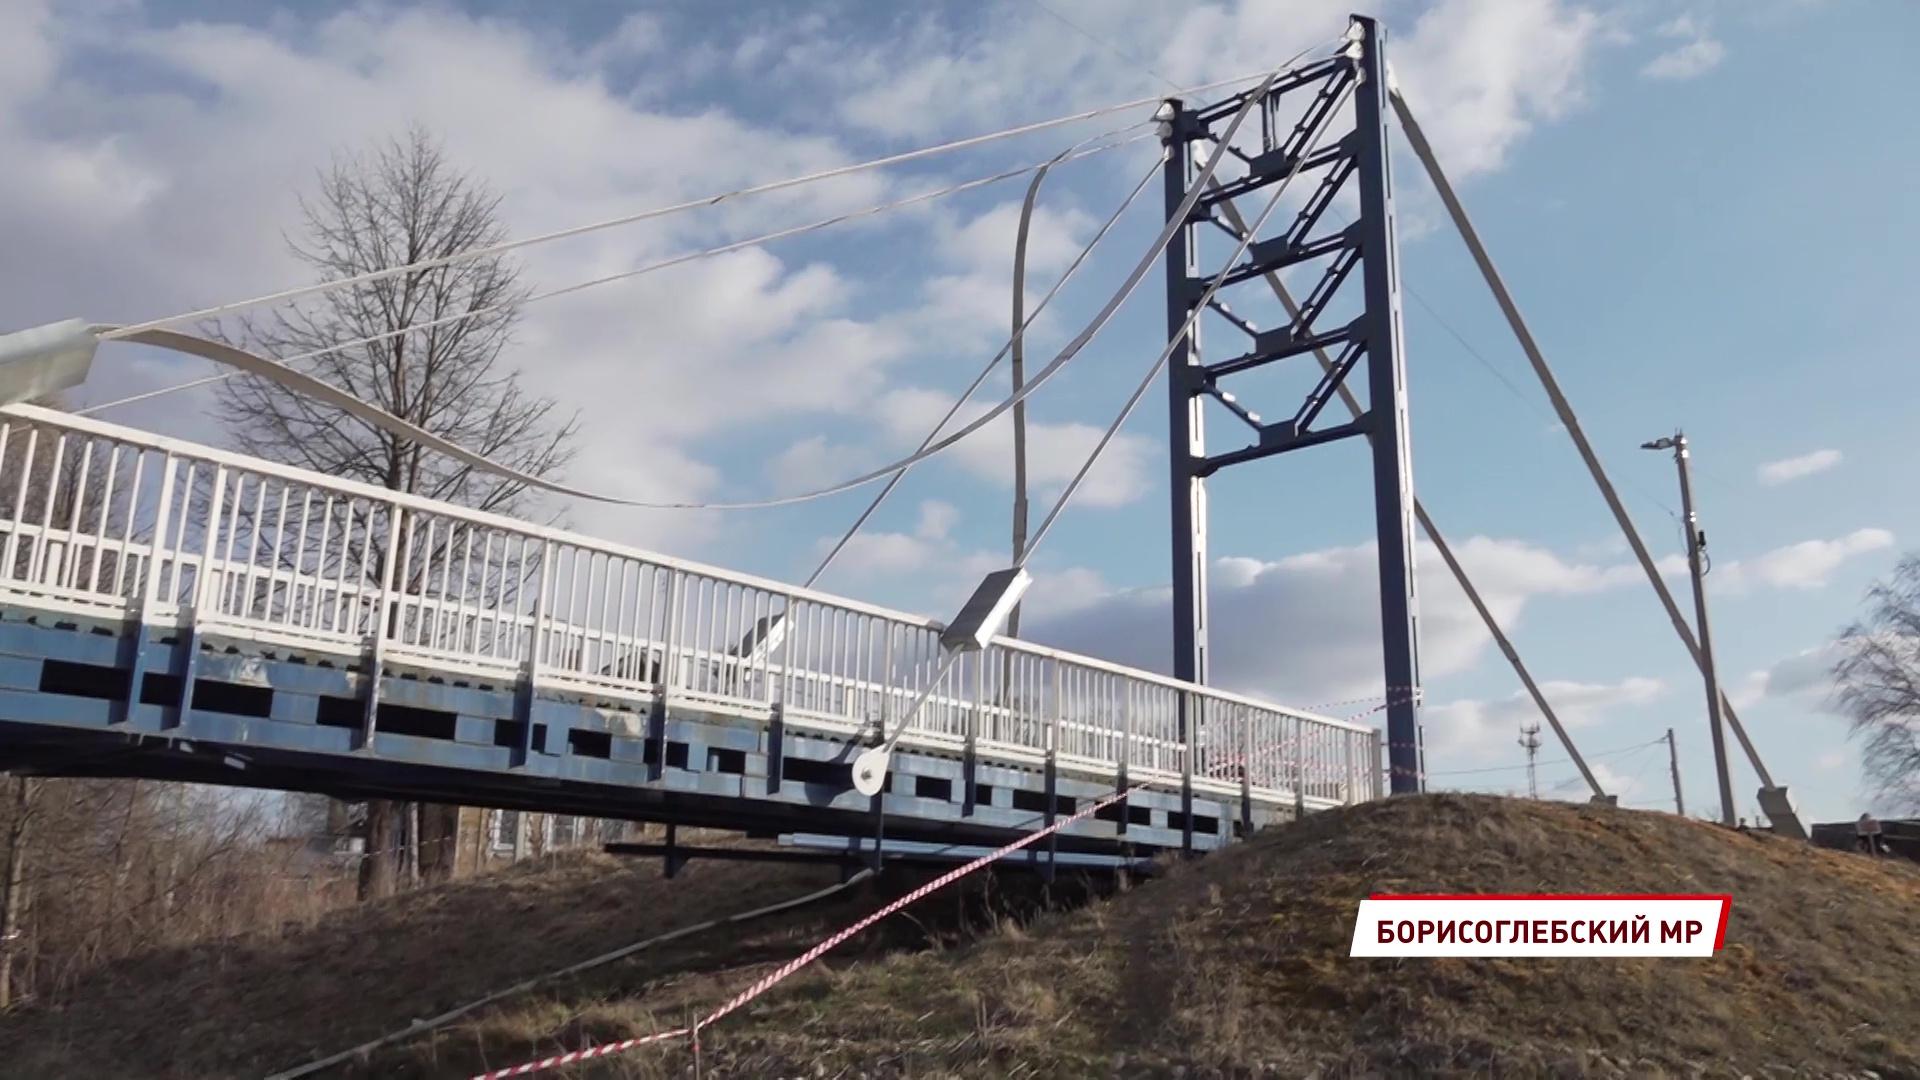 В Борисоглебском обрушился пешеходный мост, который до сих пор на гарантии: подробности